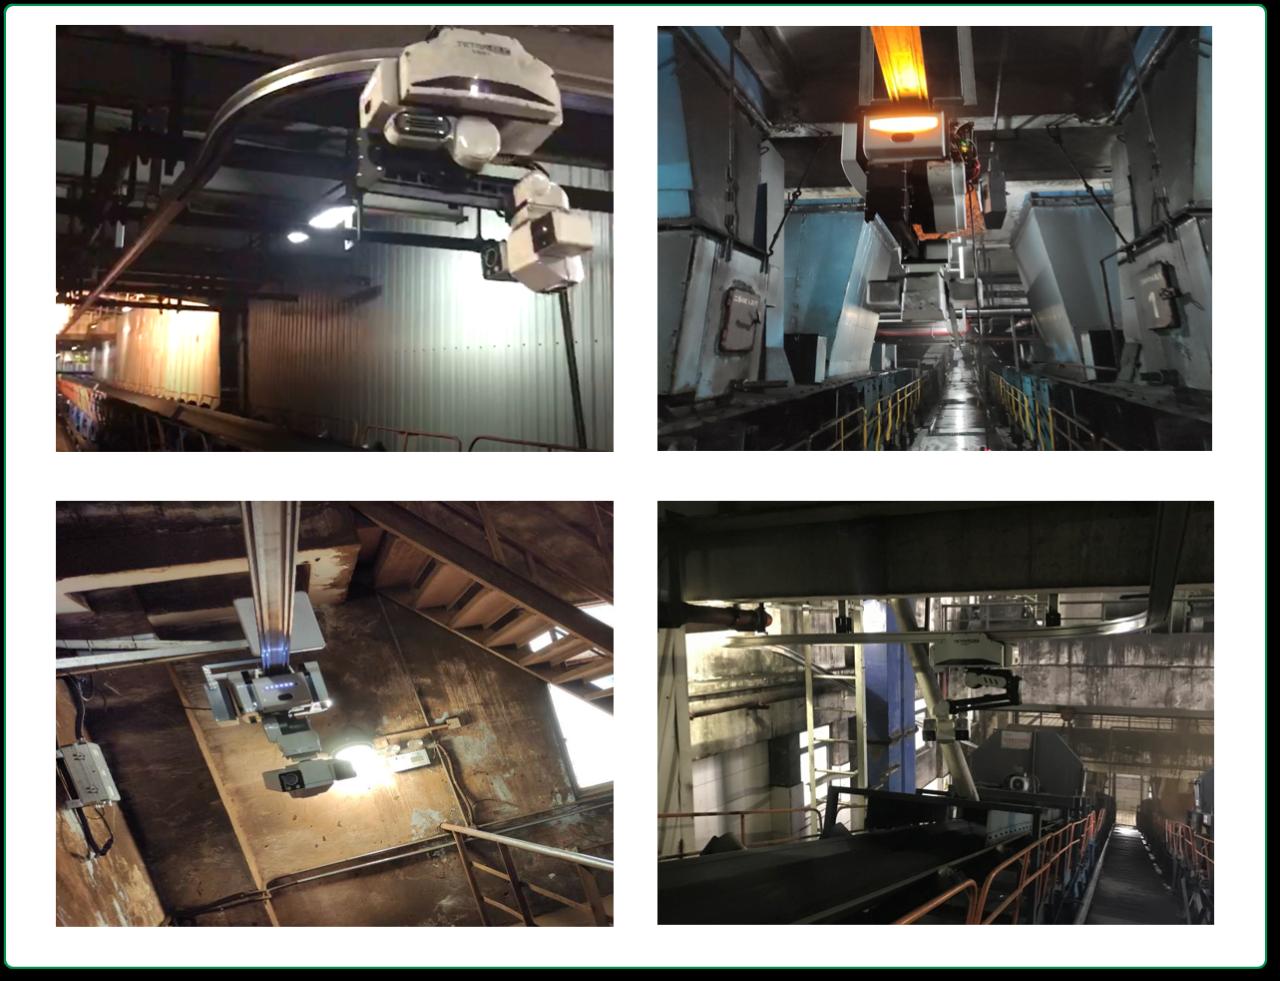 港口码头巡检机器人 天创皮带巡检机器人 商业资讯 第30张